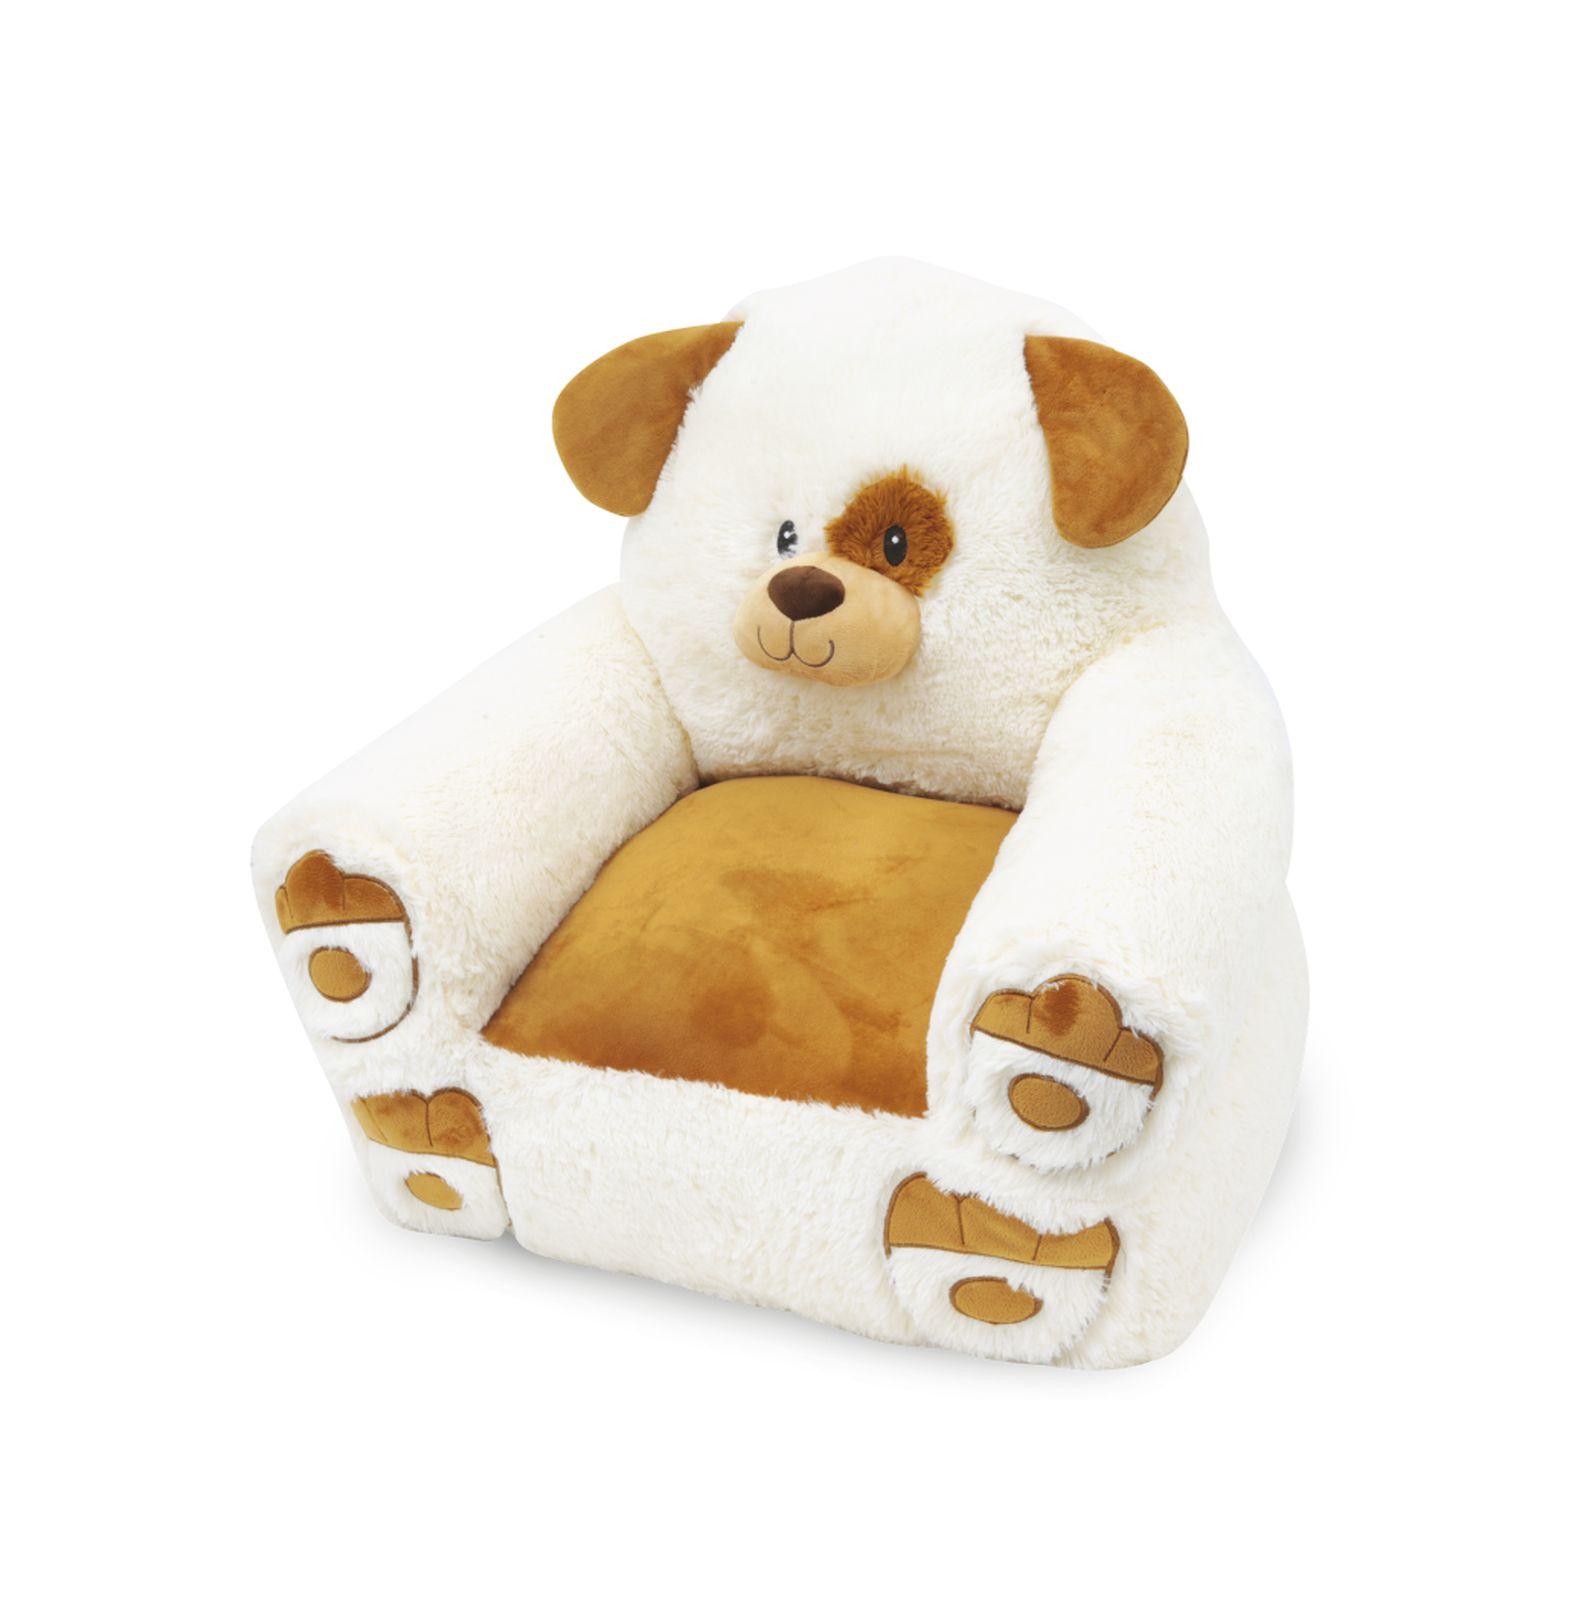 Tickos Divano per Bambini Peluche Unicorno Poltrona Cuscino per Animali Decorazioni per la Casa Mobili per Camera da Letto Cane